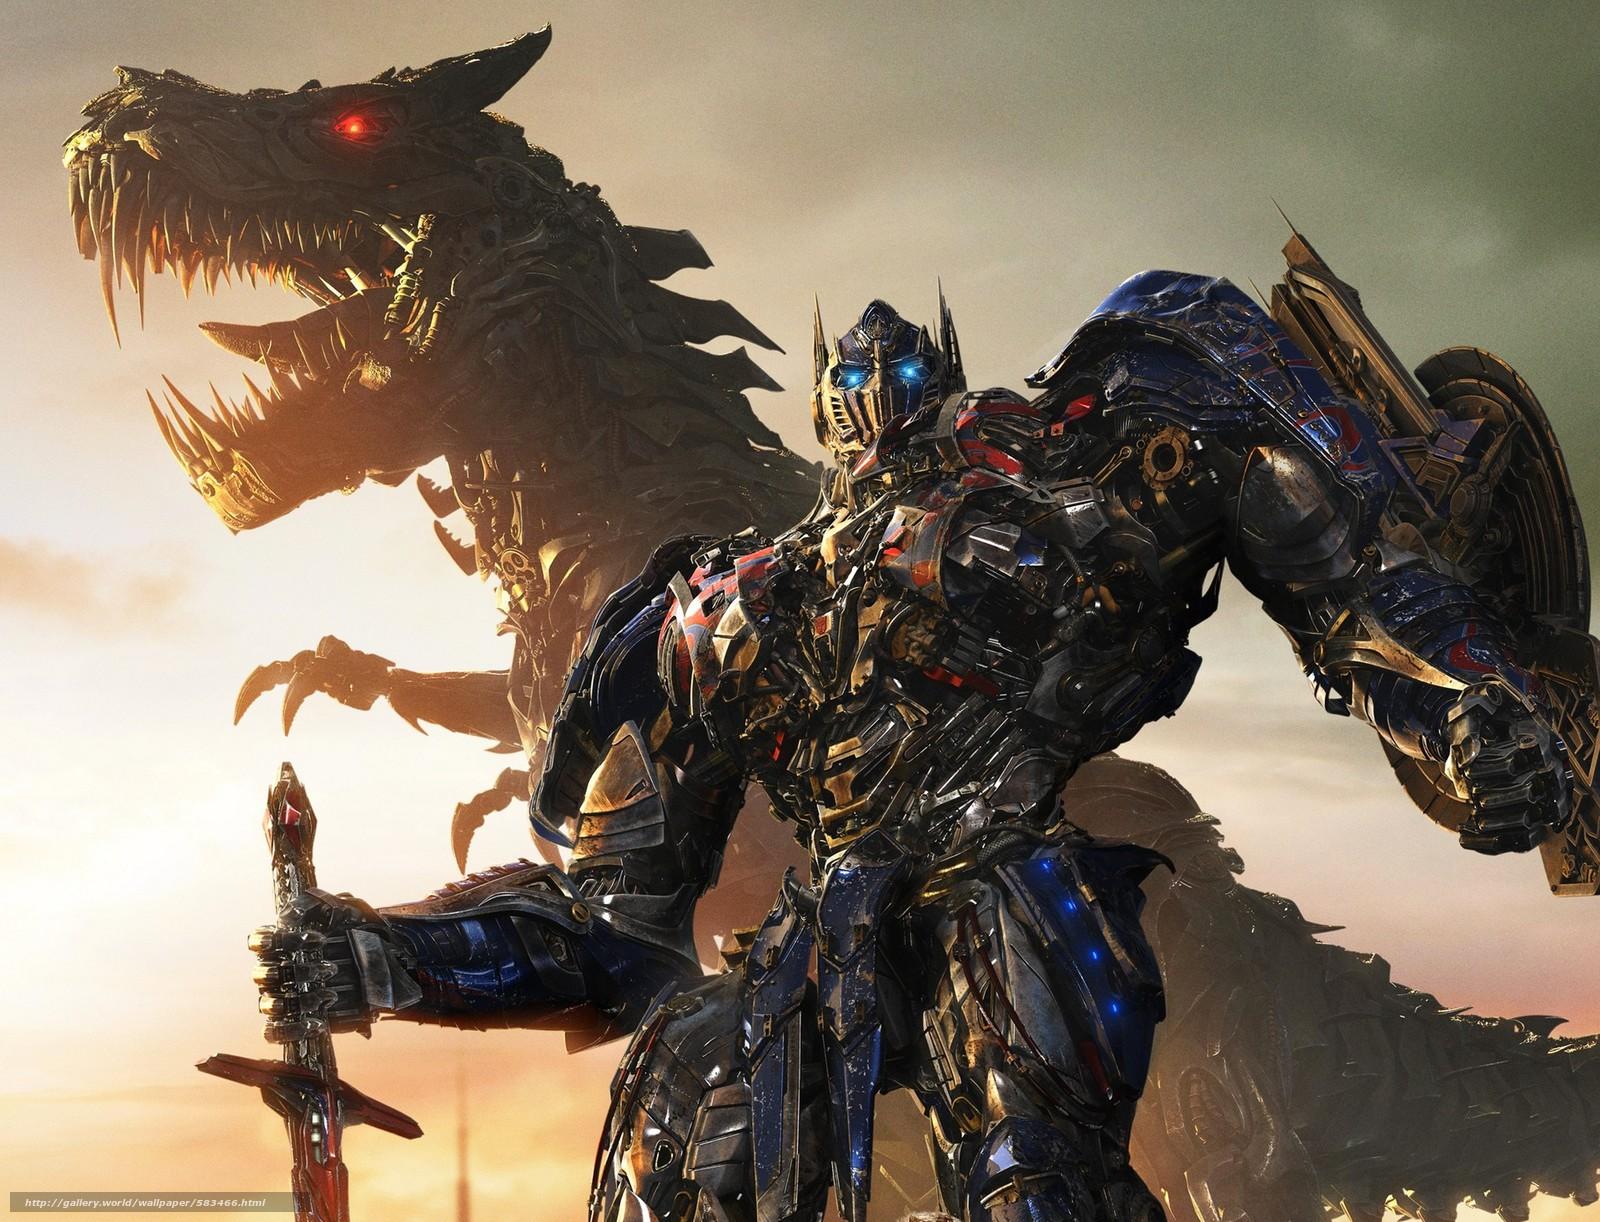 pobra tapety Michael Bay,  Autoboty,  Optimus Prime,  Transformers: era zniszczenia Darmowe tapety na pulpit rozdzielczoci 4000x3054 — zdjcie №583466